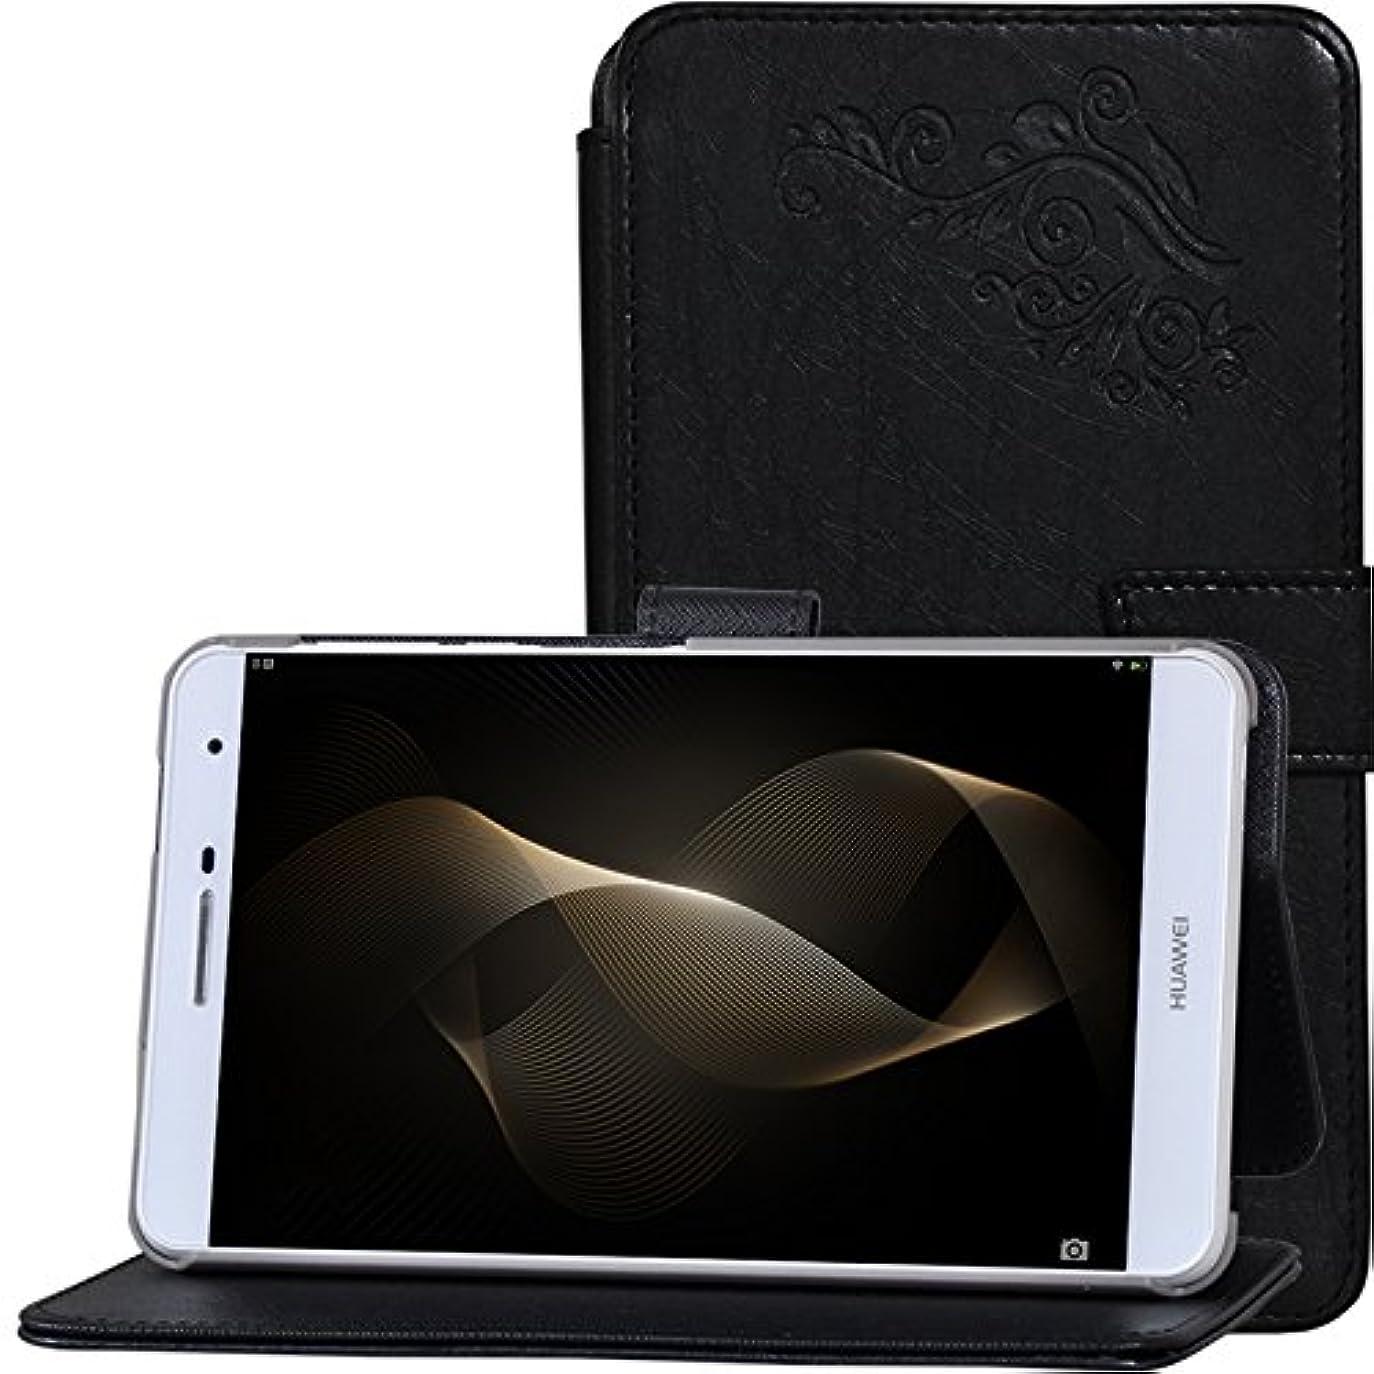 コンサルタント待ってコンドーム【LIHOULAI】 Huawei MediaPad T2 7.0 Pro 専用保護ケース 高級PUレザーカバー 手作りケース スタンド機能付 液晶フィルム一枚付 (ブラック)